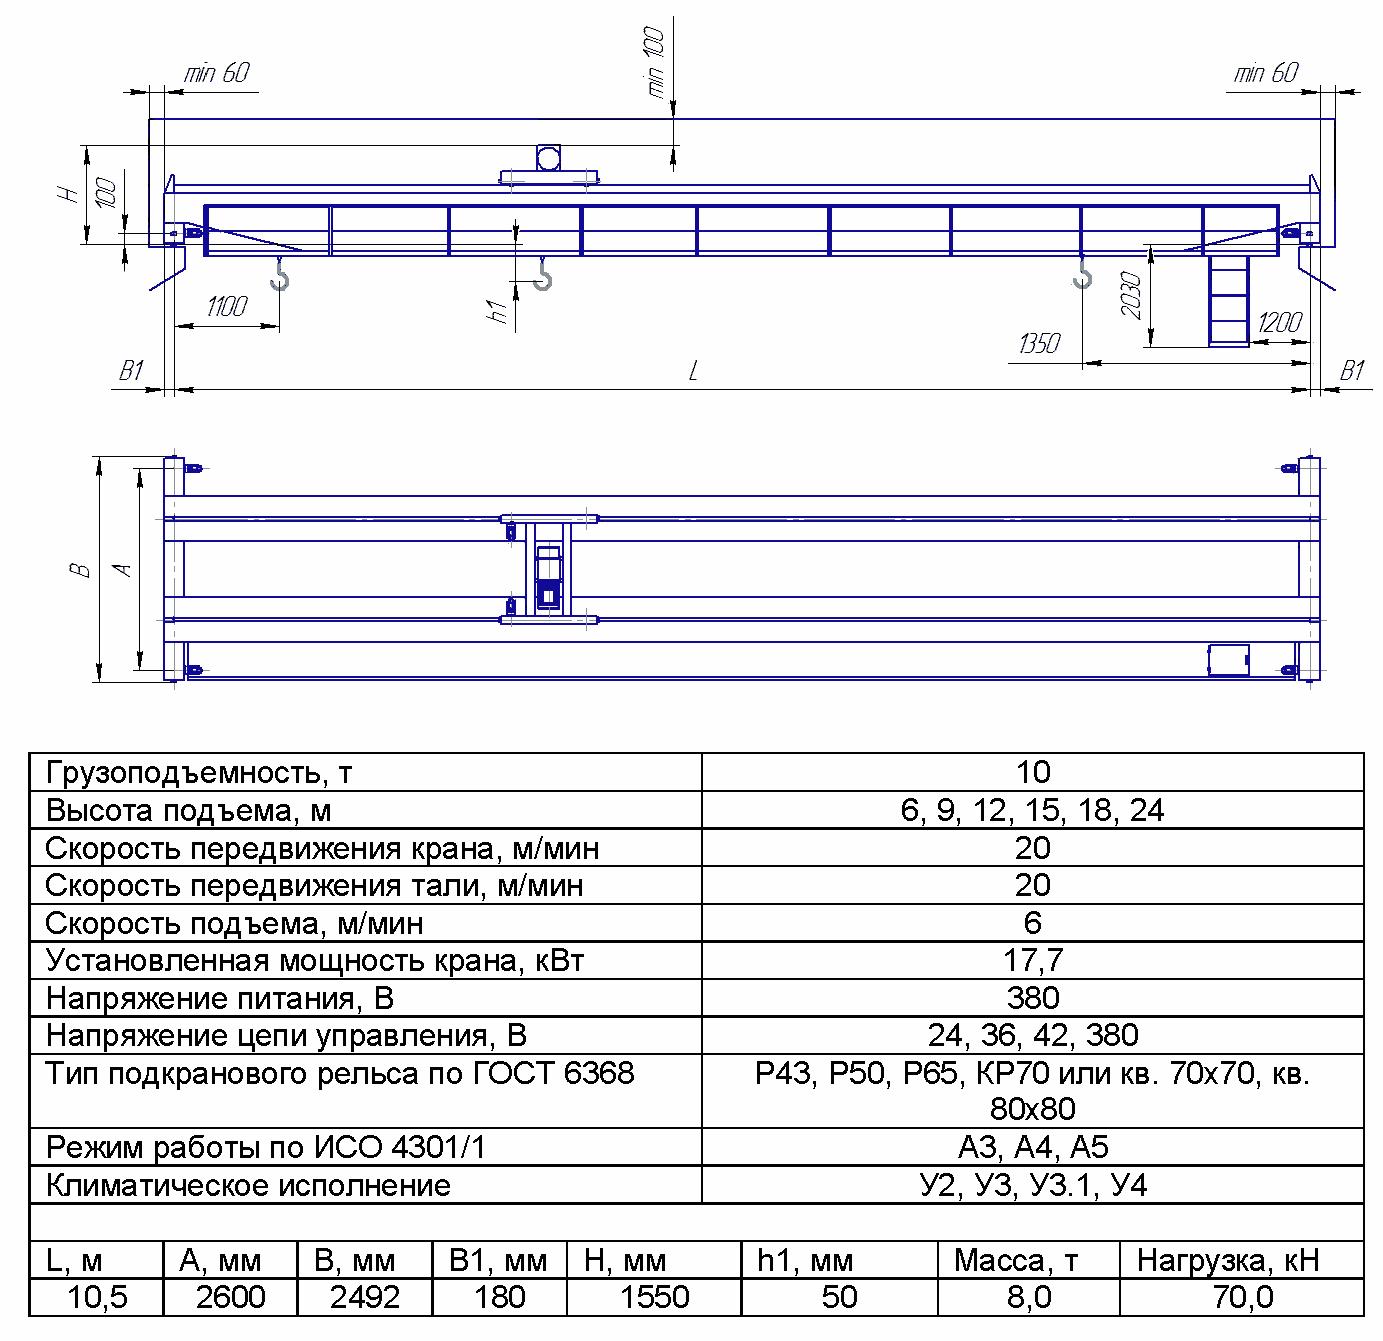 KMON 2 1 - Опорный мостовой кран общего назначения